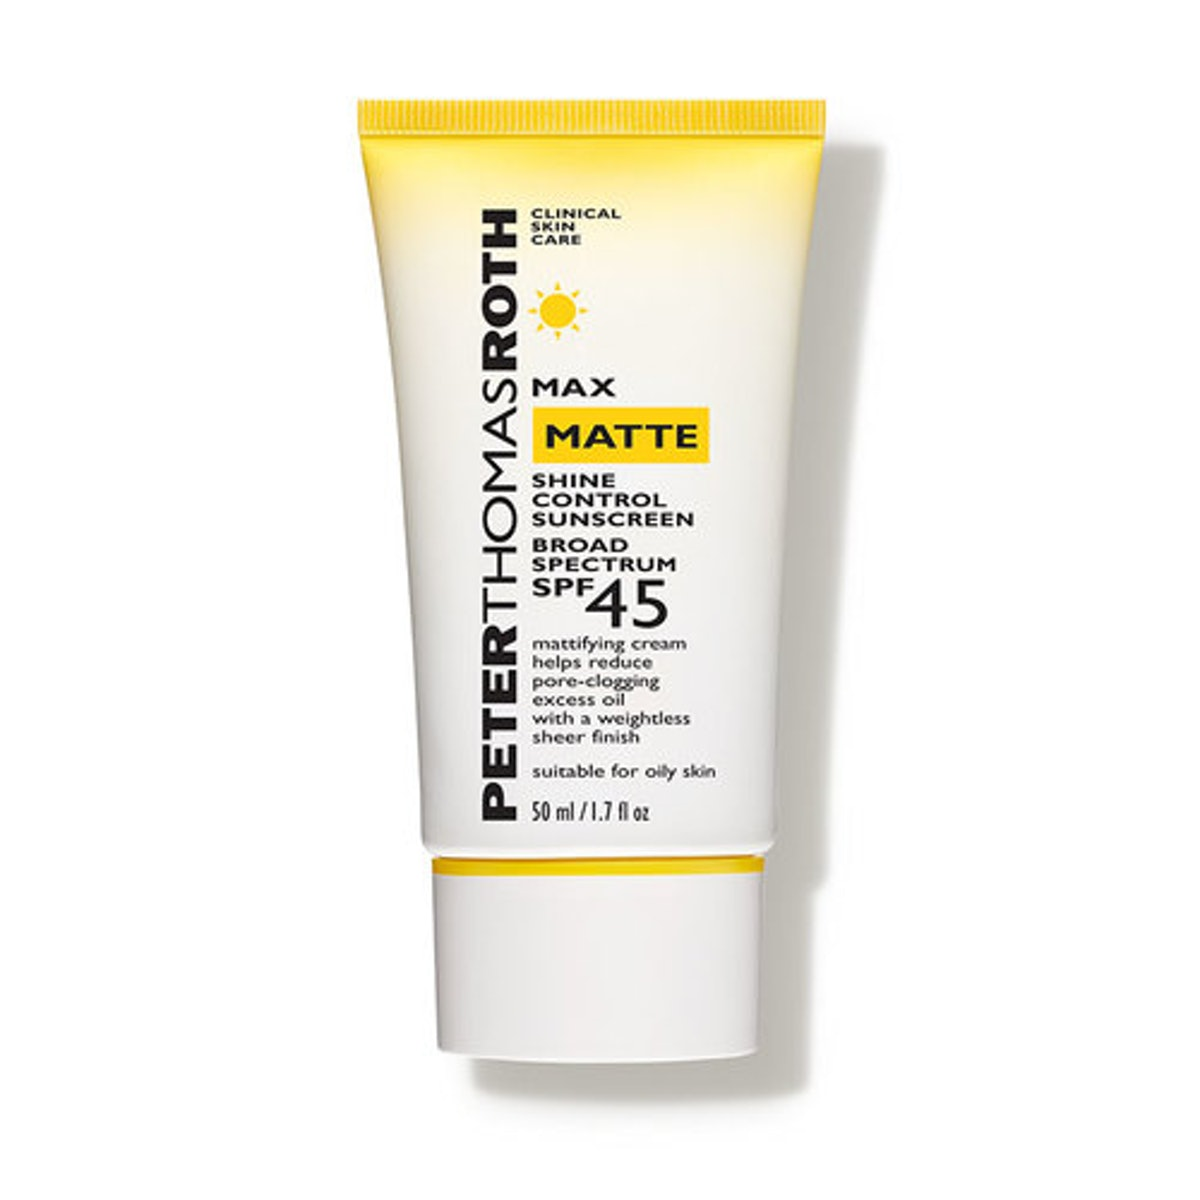 Max Matte Shine Control Sunscreen Broad Spectrum SPF 45